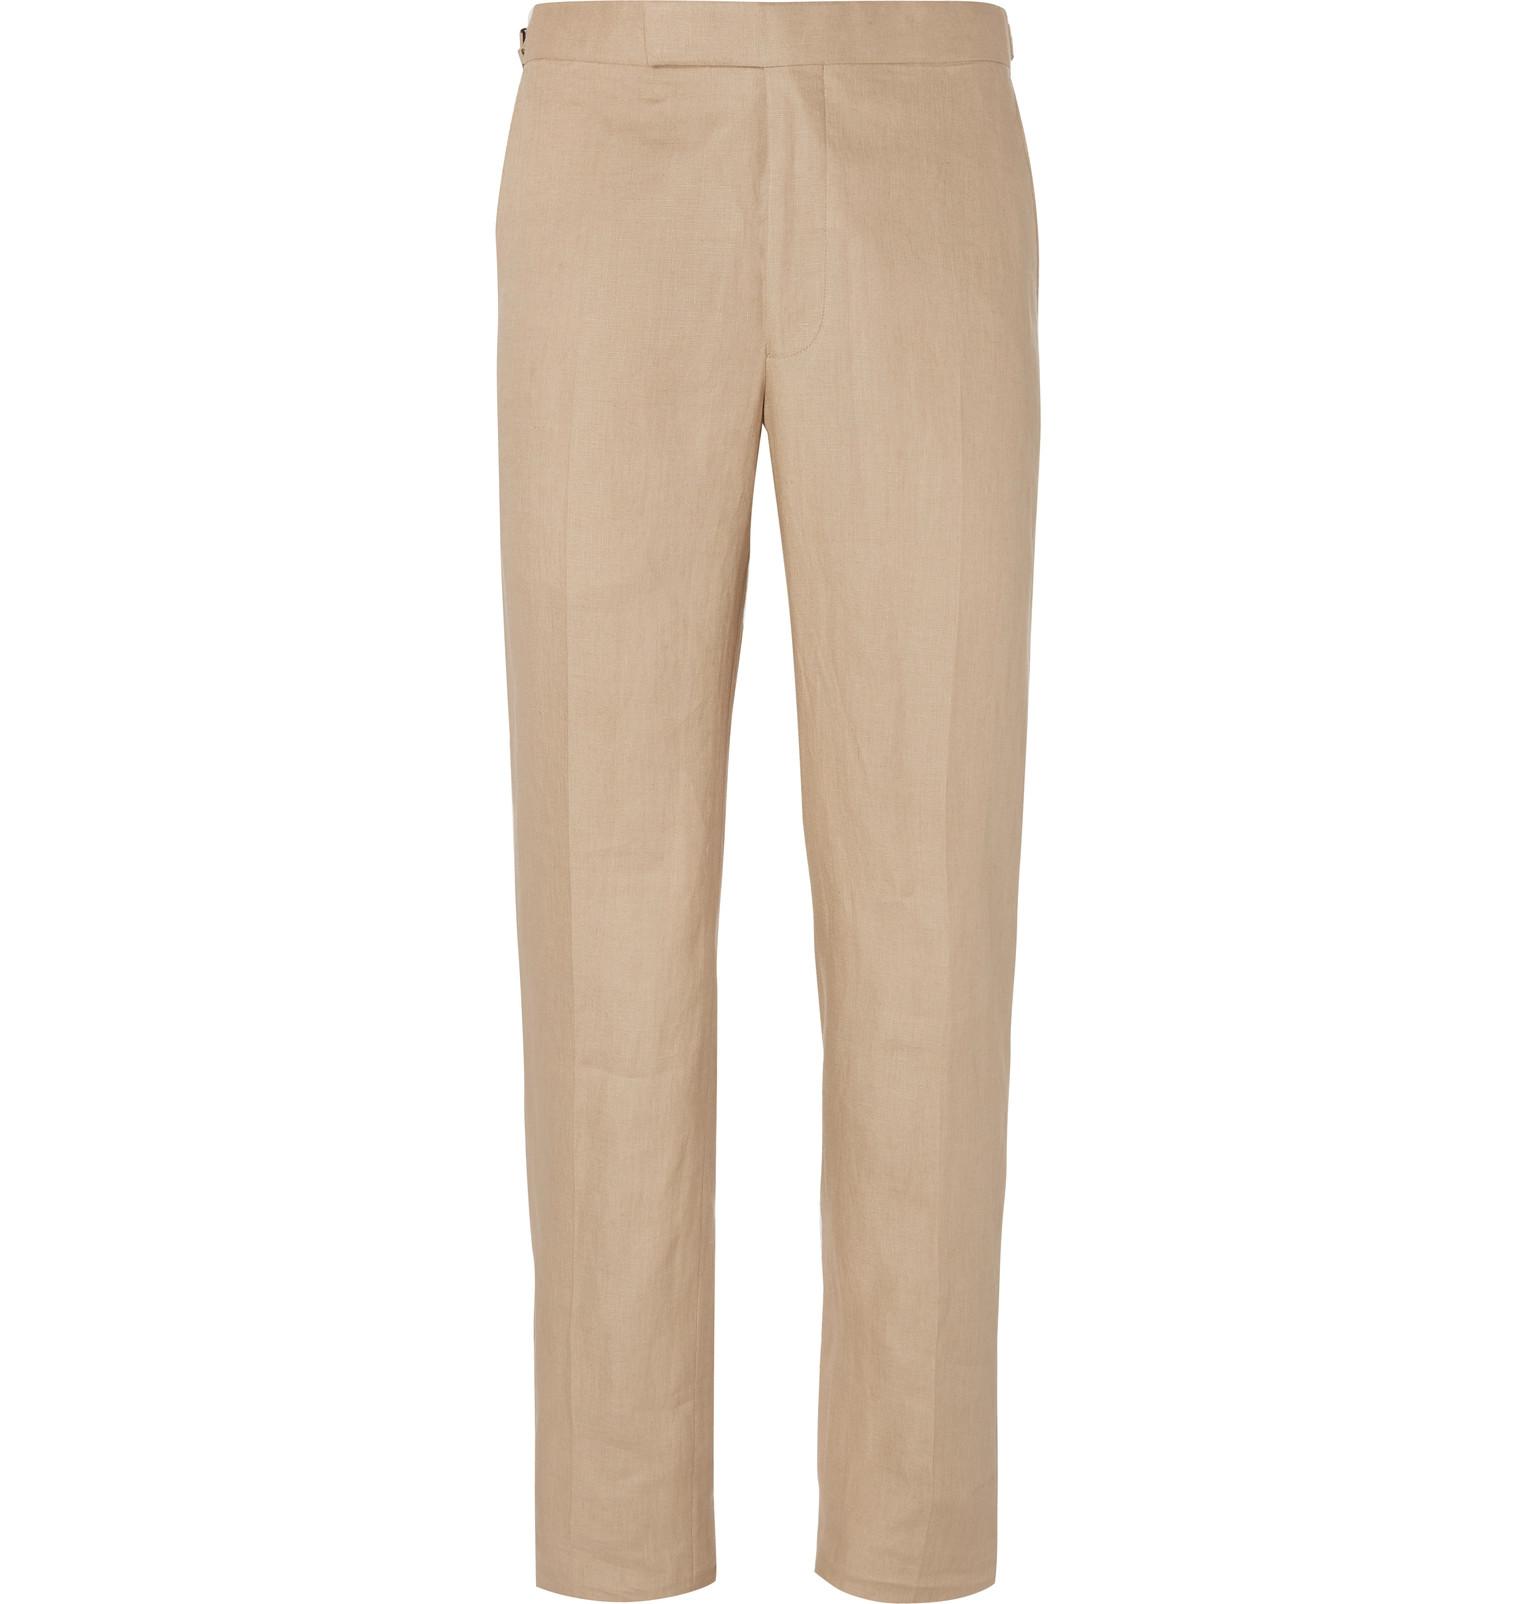 Beige Hyde Slim-fit Linen Suit Trousers Richard James 6cl4Glok